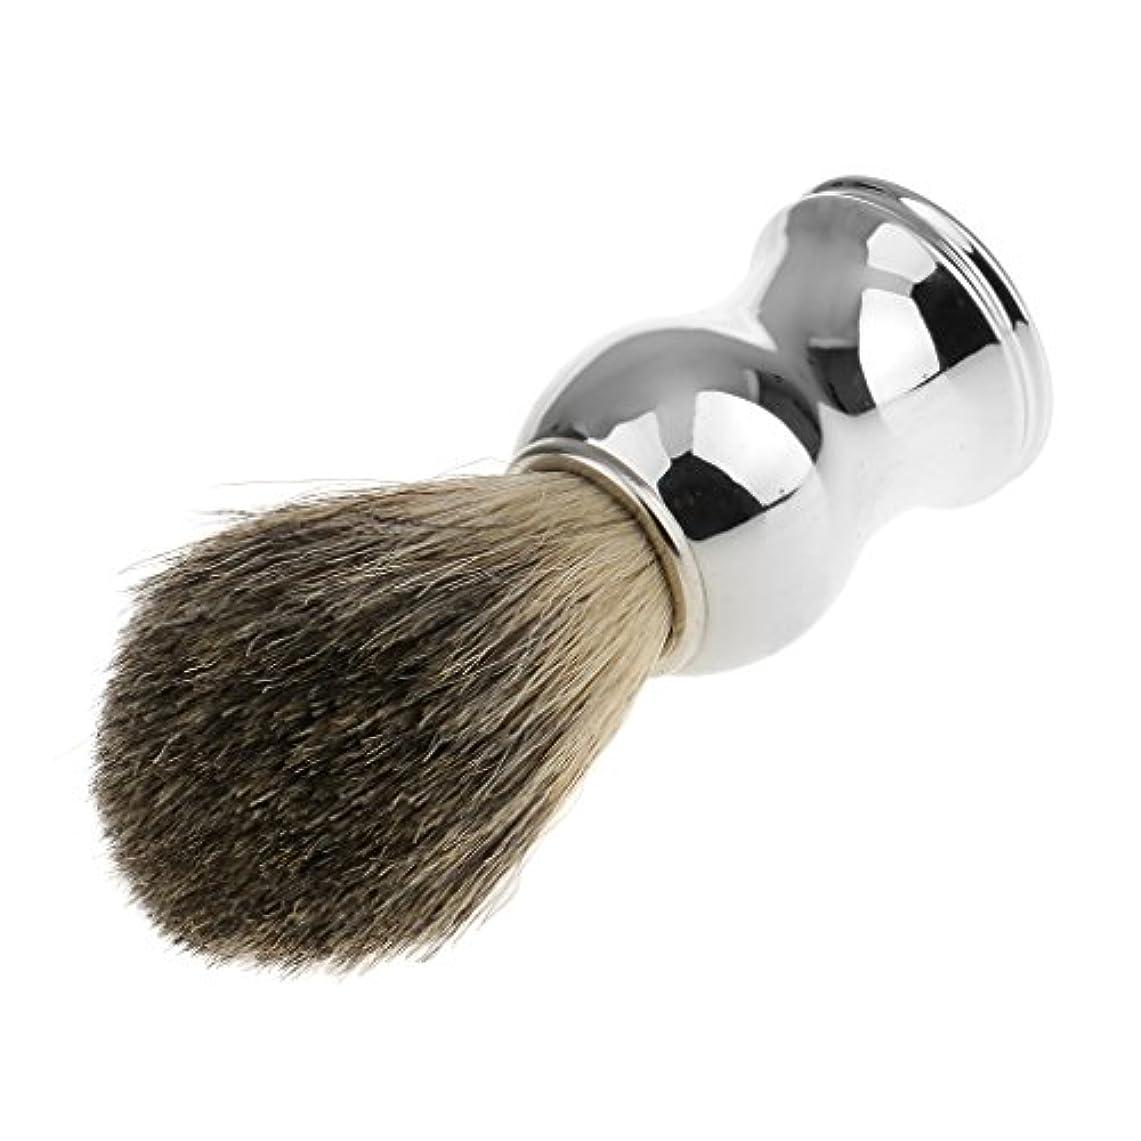 スキル意味のある製造業人工毛 シェービングブラシ 柔らかい 理容 洗顔 髭剃り 便携 乾くやすい 11.2cm シルバーハンドル